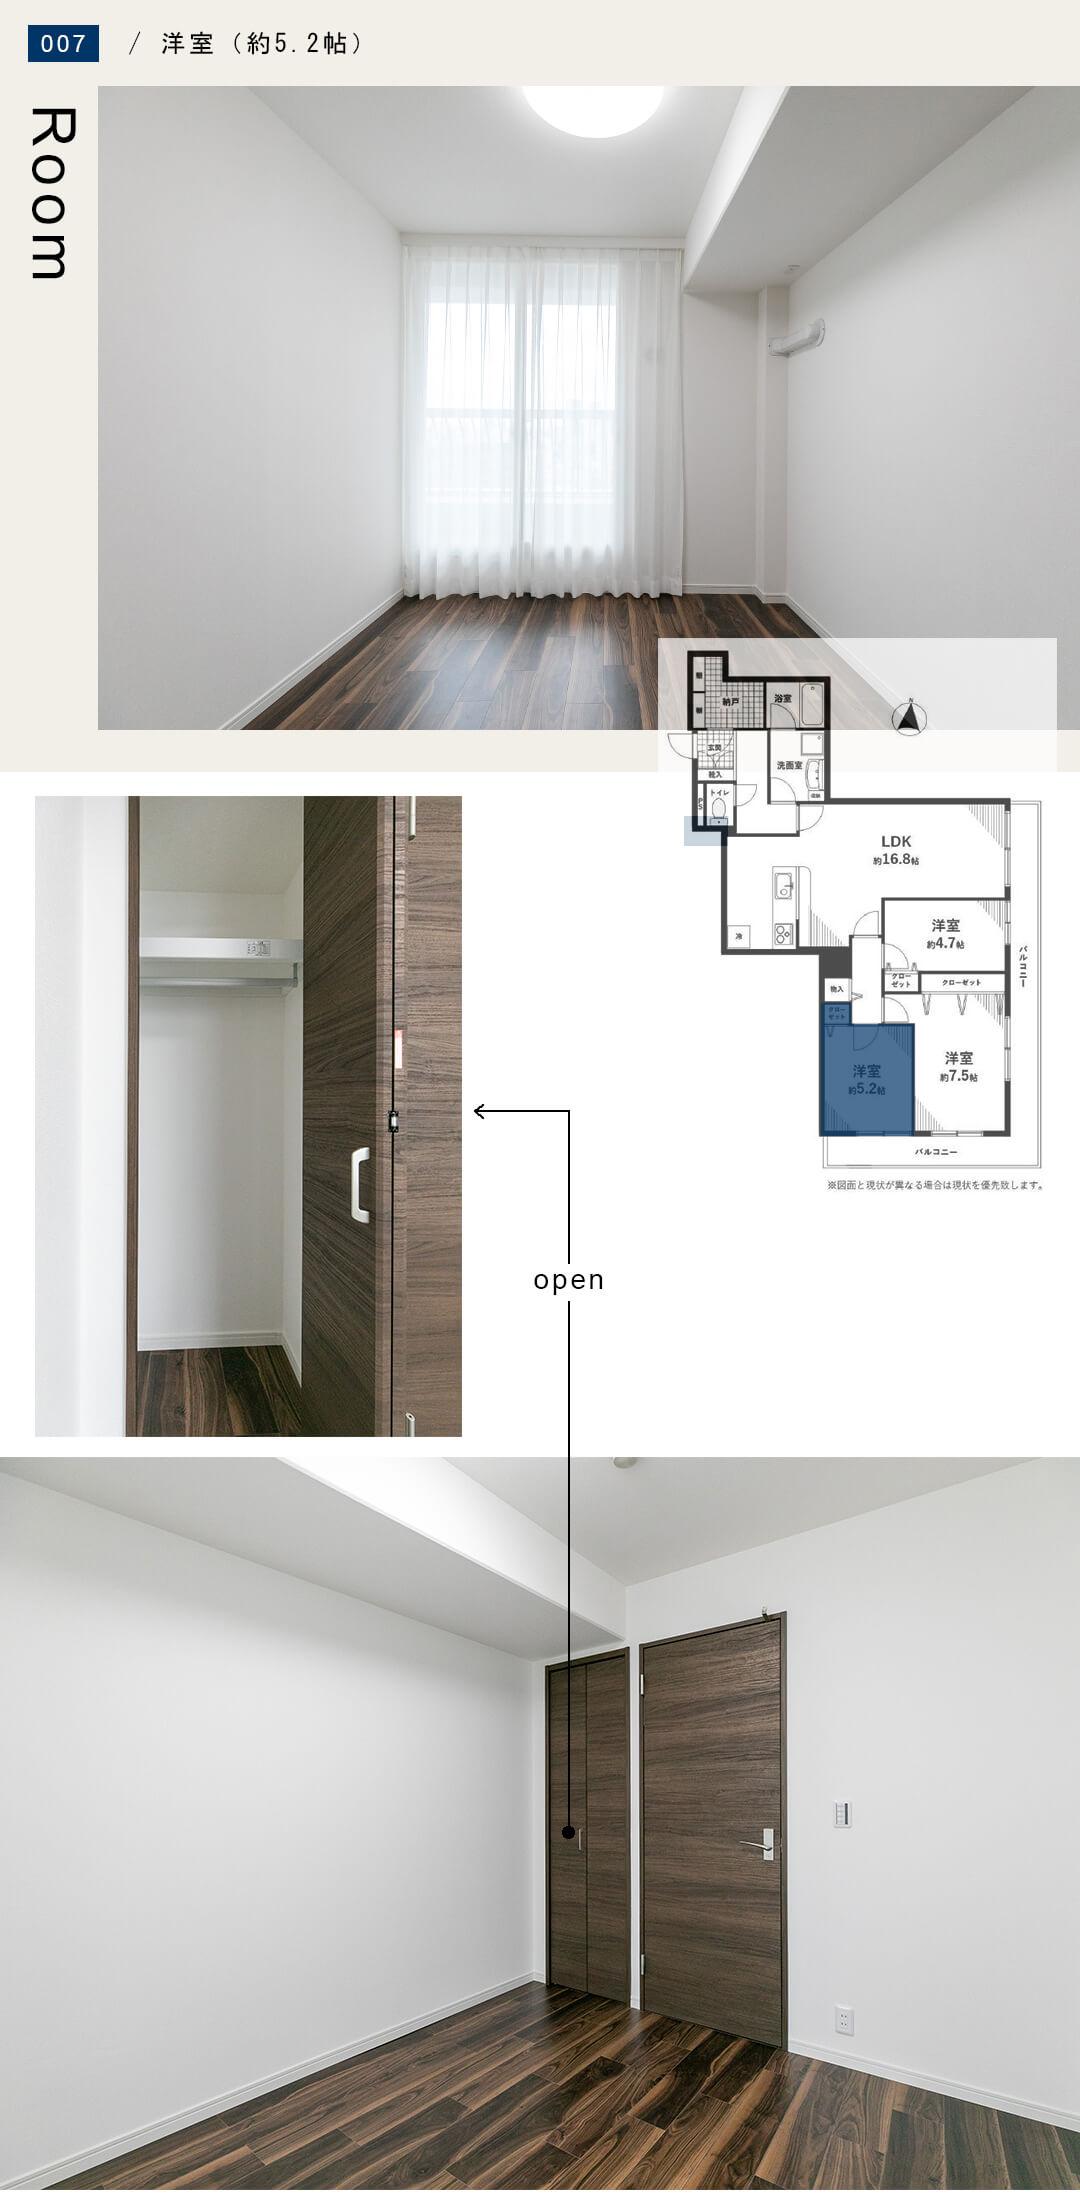 西戸山タワーホウムズノースタワー 1503の洋室(5.2帖)